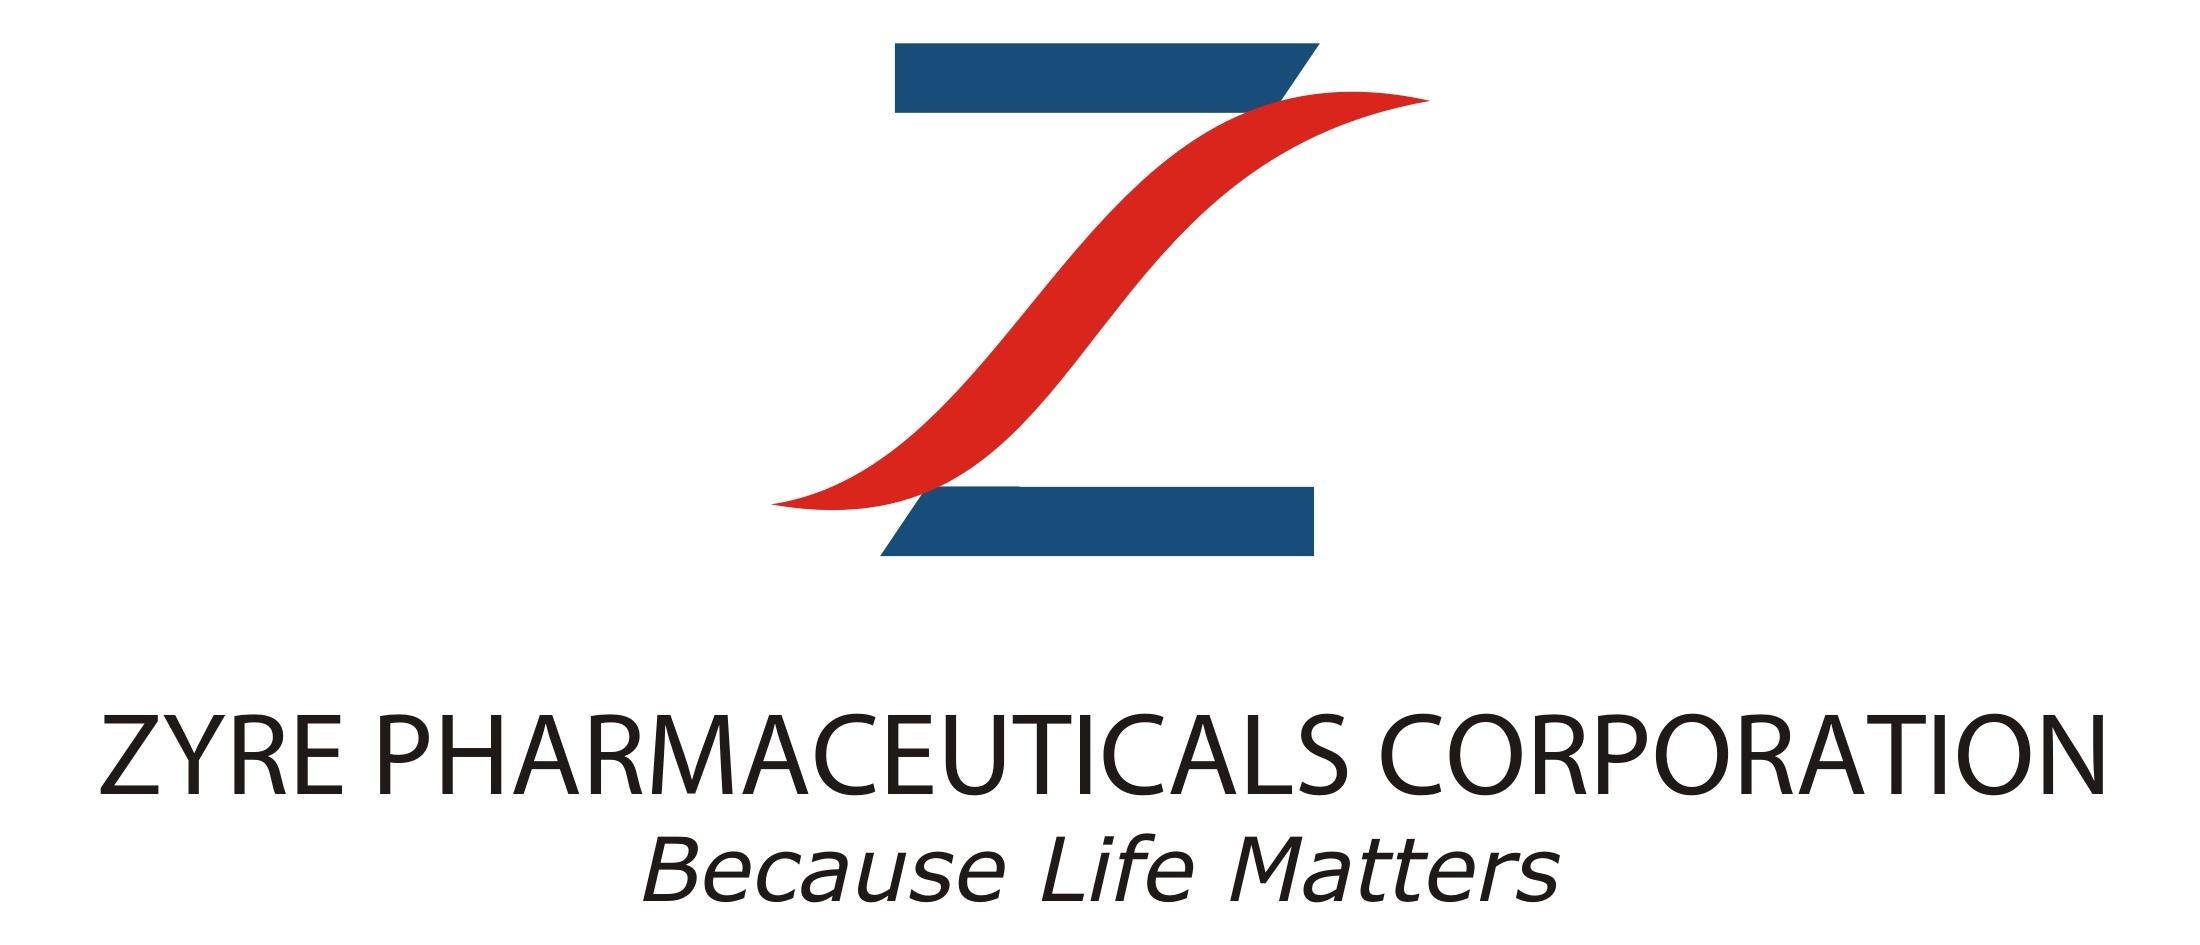 zyre-pharmaceuticals-corporationphotos-1